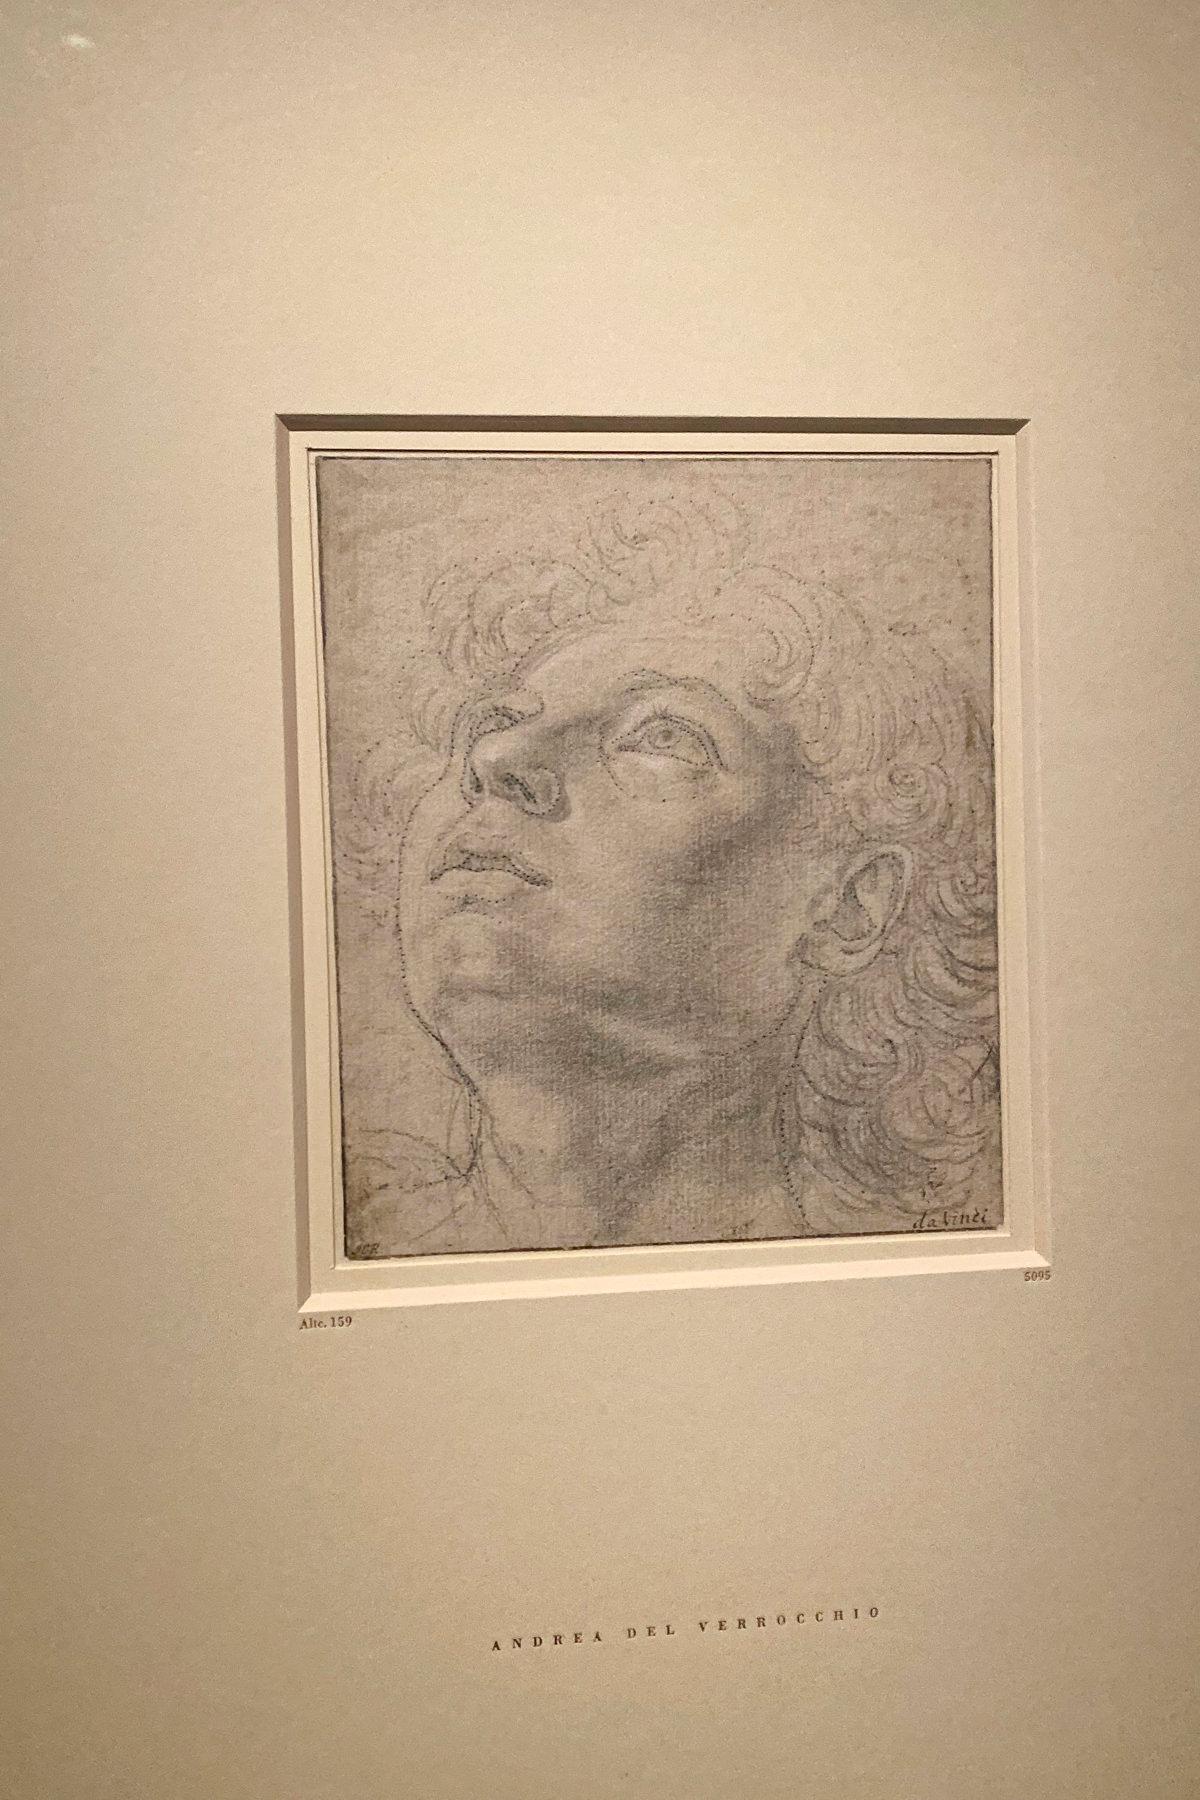 Leonardo da Vinci Exhibition in the Louvre Museum